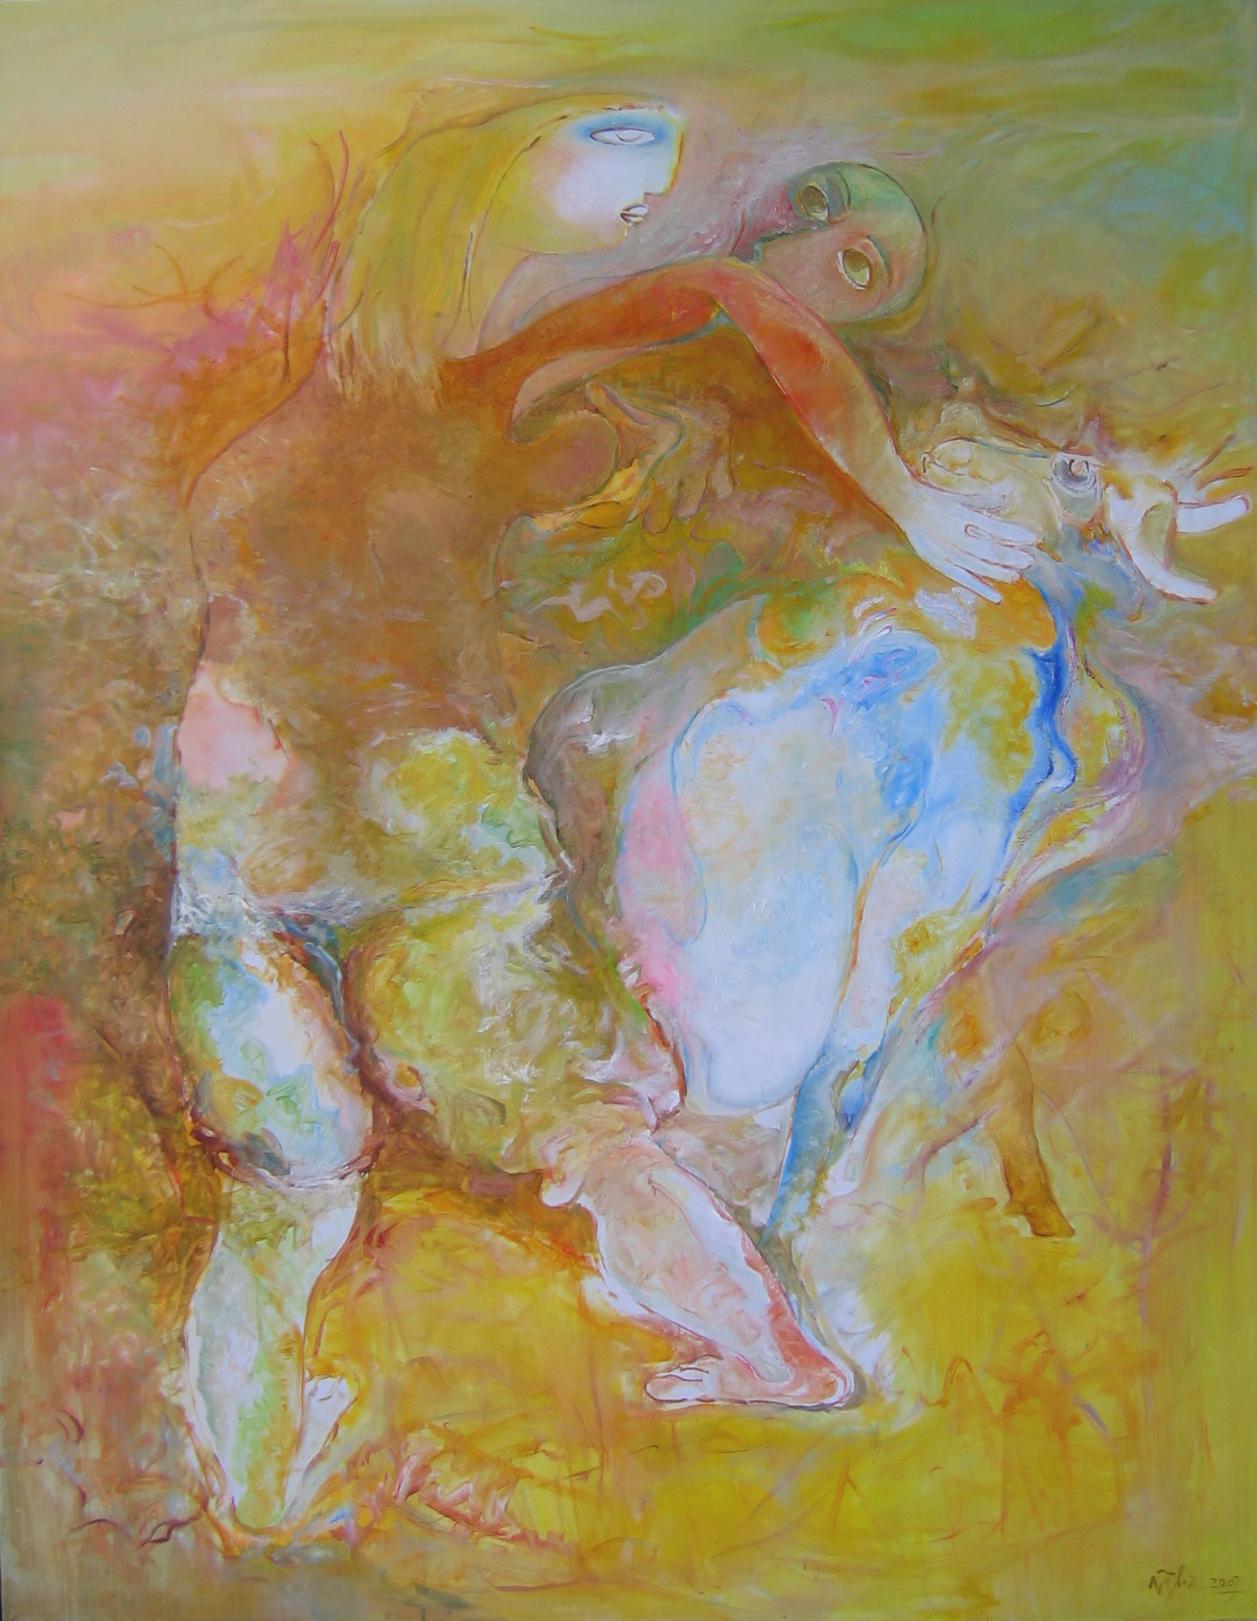 Yello Impression | Hòa Sắc Vàng